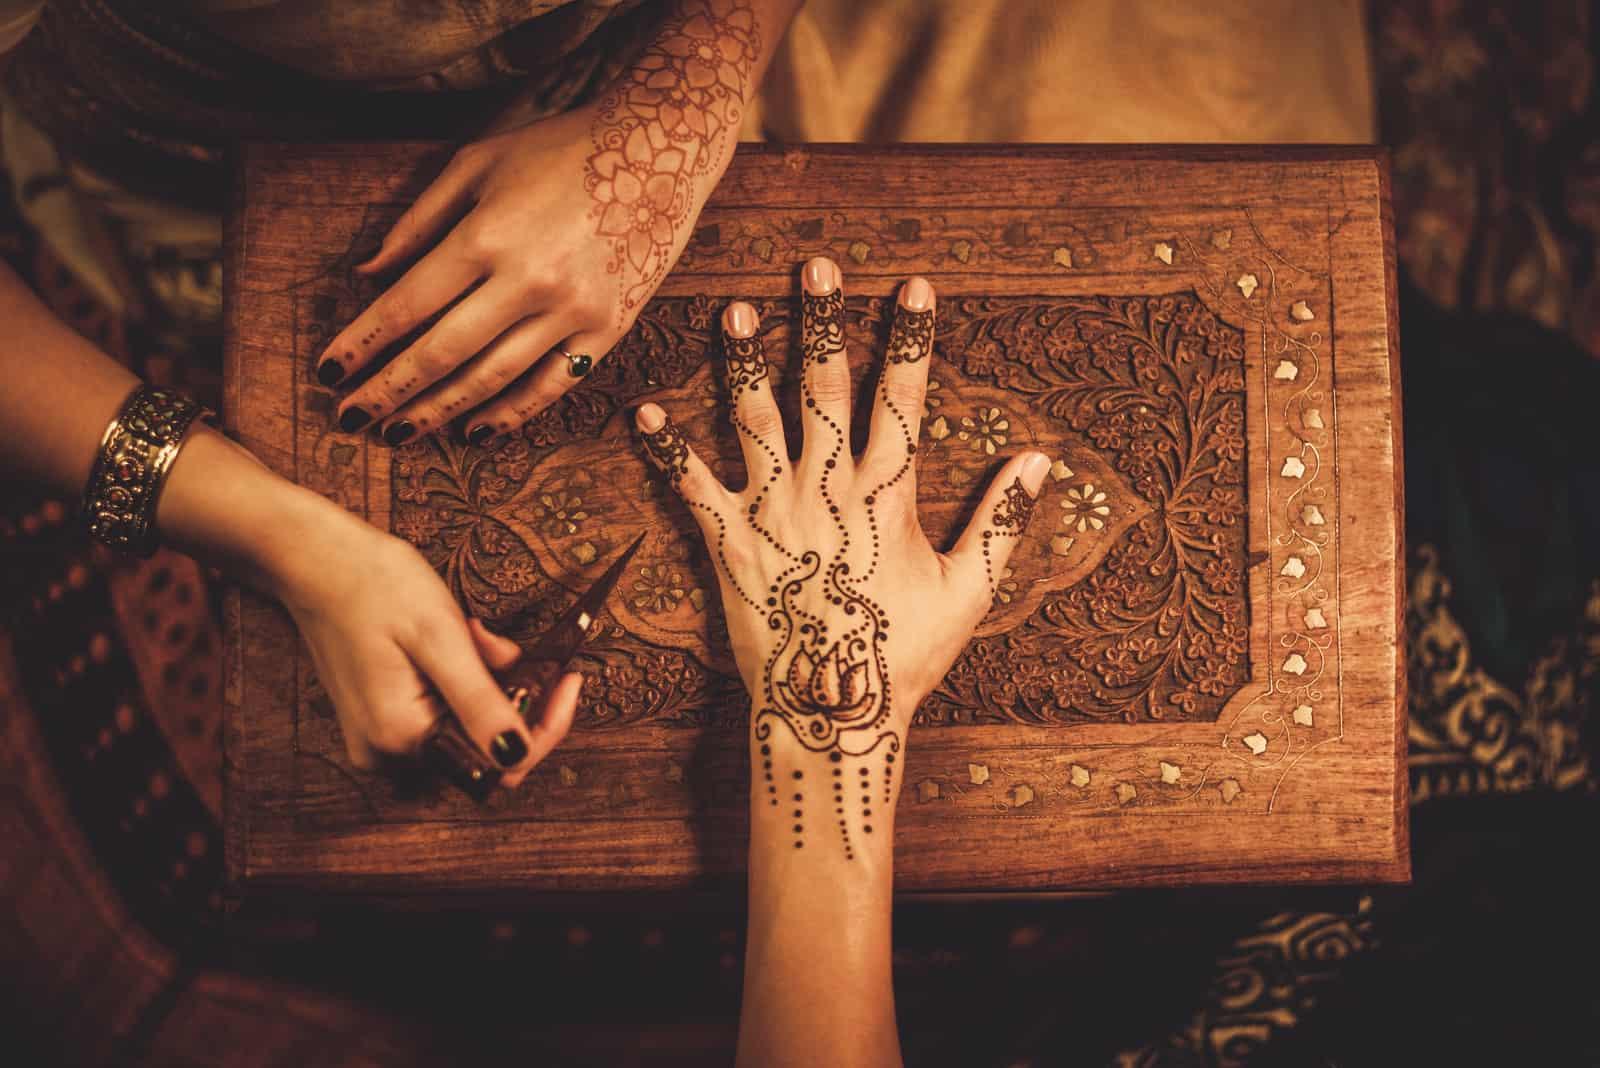 Zeichenprozess der Henna-Menhdi-Verzierung auf der Hand der Frau